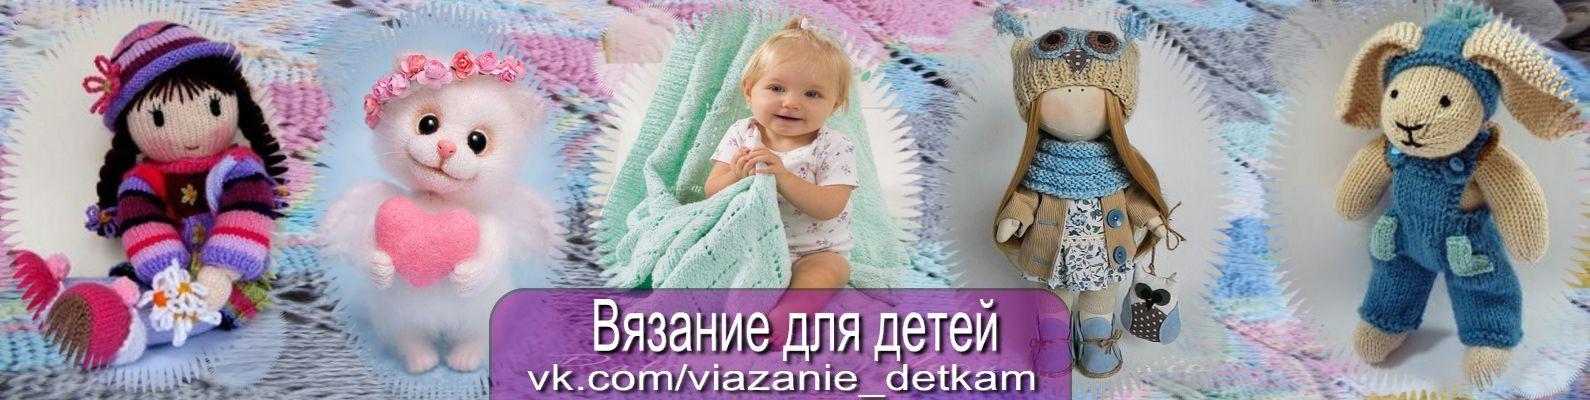 вязание для детей вконтакте